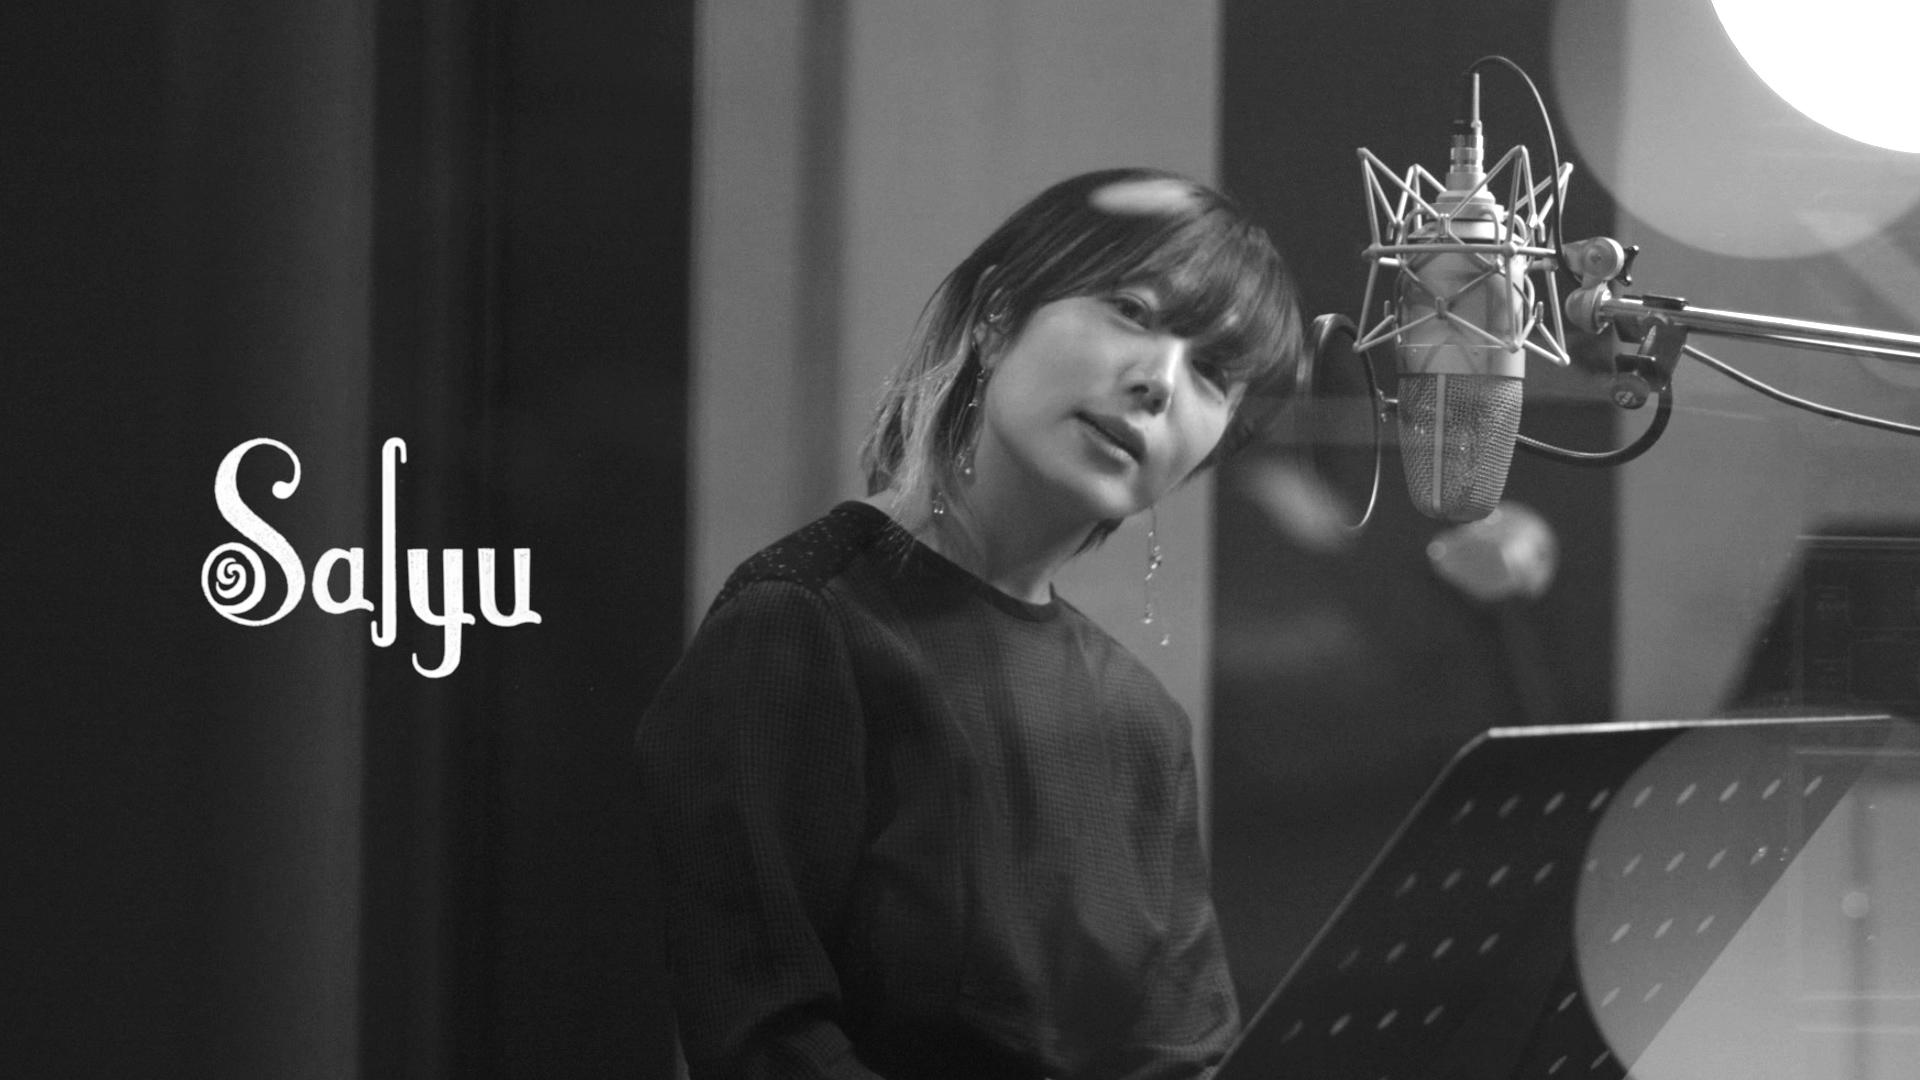 Salyu「Stay Happiness」Music Video(レノアハピネス「花のある暮らし」篇CMソング/ロングバージョン)